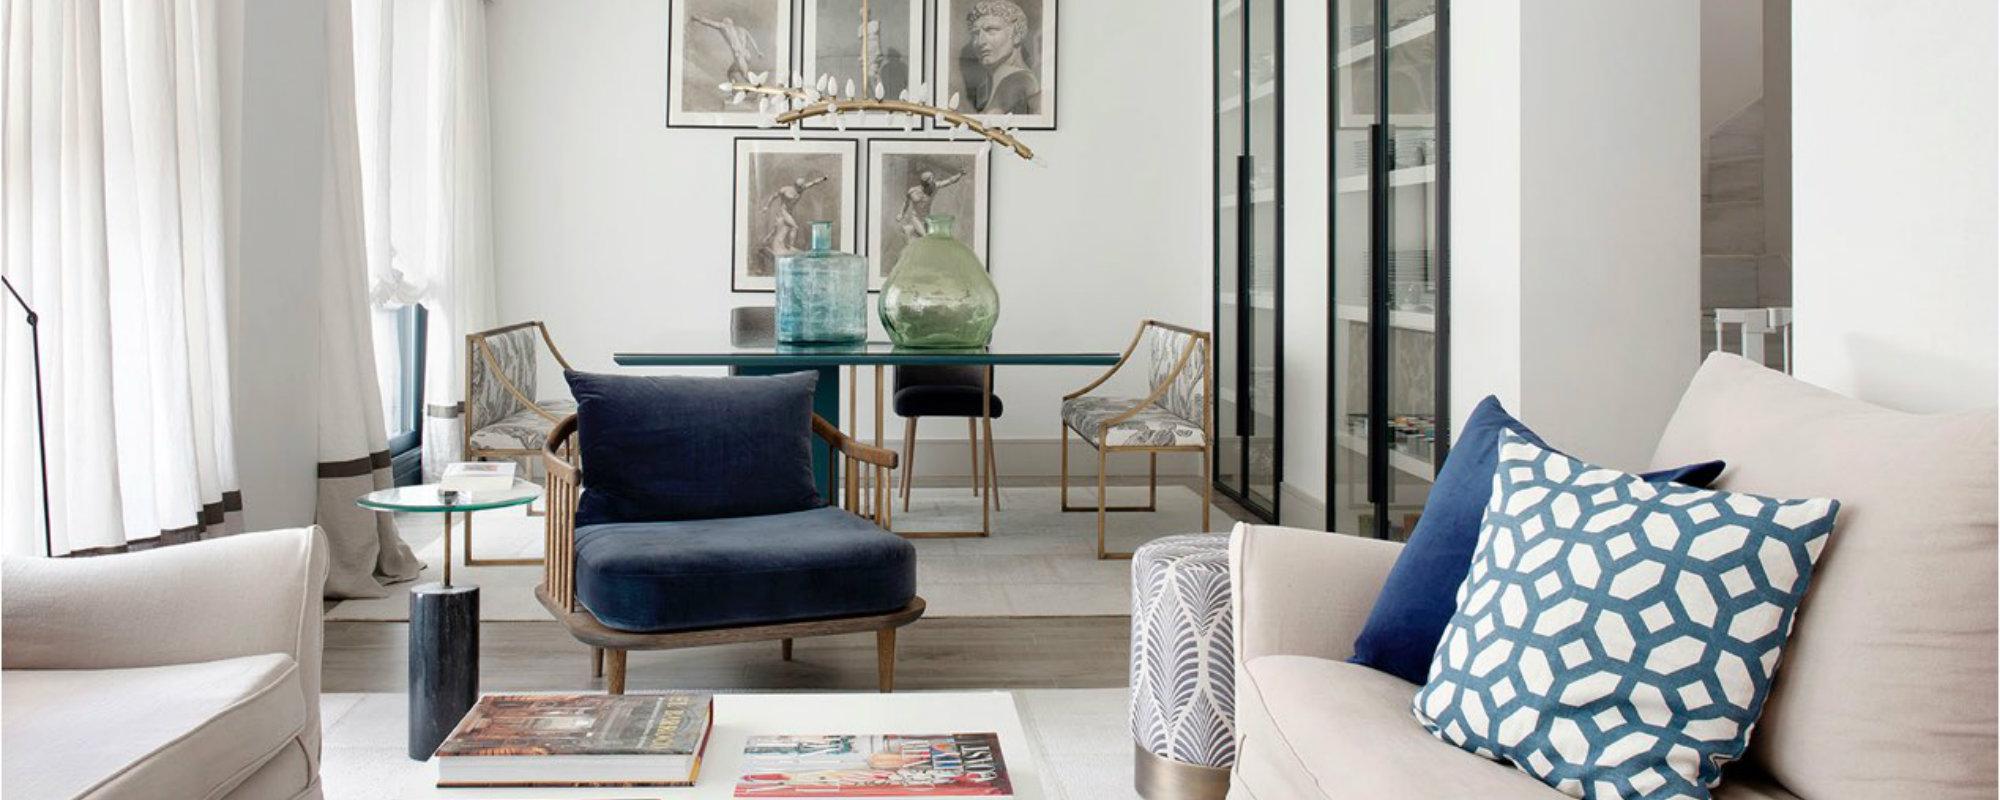 Estudio Maria Santos: Proyectos de Diseño de Interiores lujuoso en Madrid estudio maría santos Estudio María Santos: Proyectos de Diseño de Interiores lujuoso en Madrid Featured 3